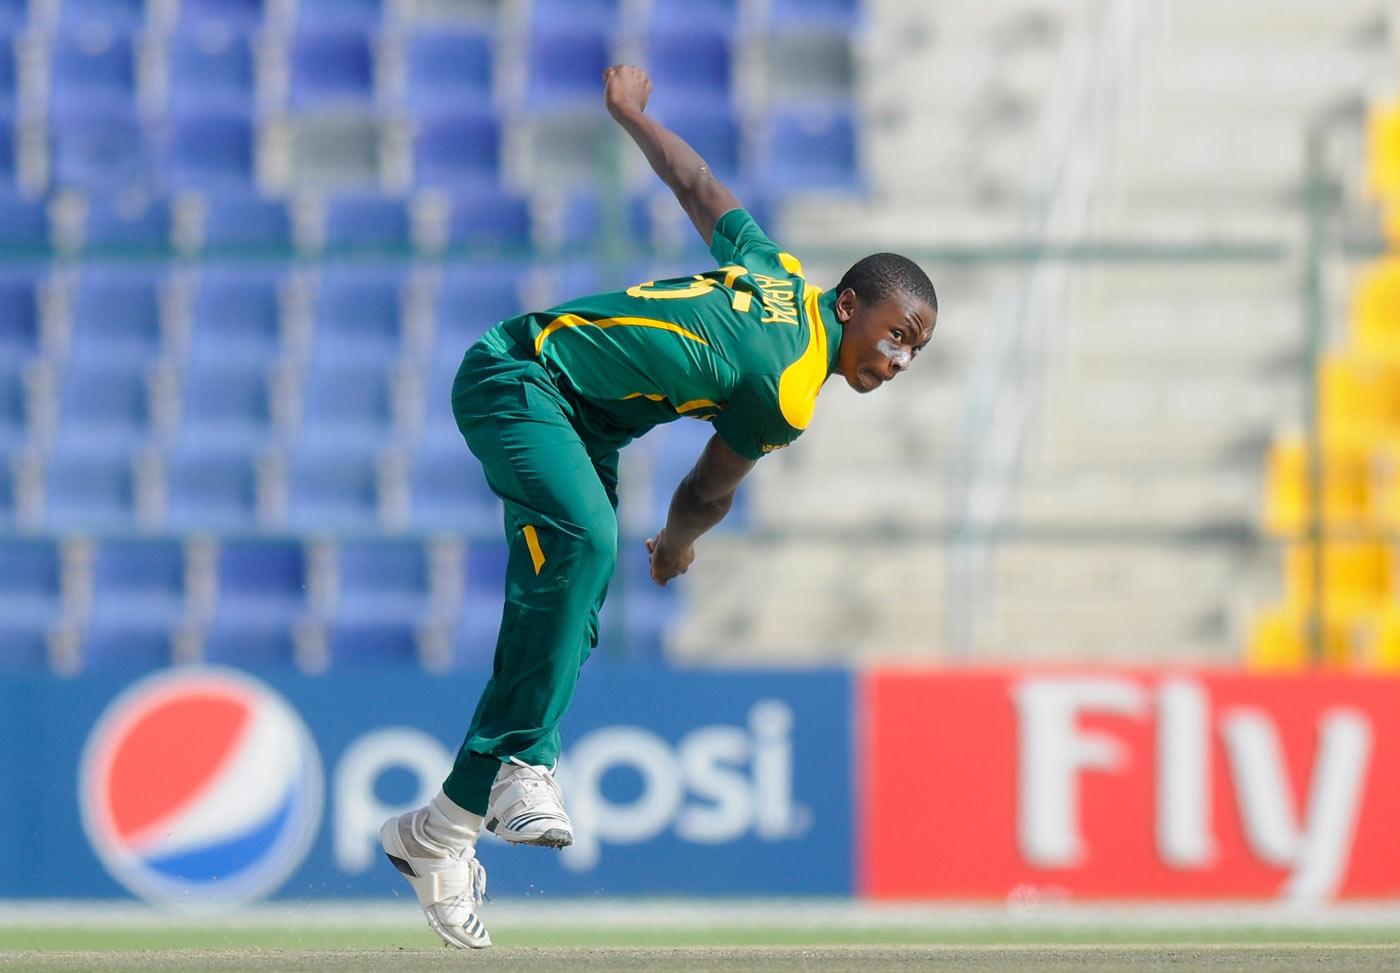 Espncricinfo.com - Kagiso Rabada handed CSA contract | Cricket | ESPN ...